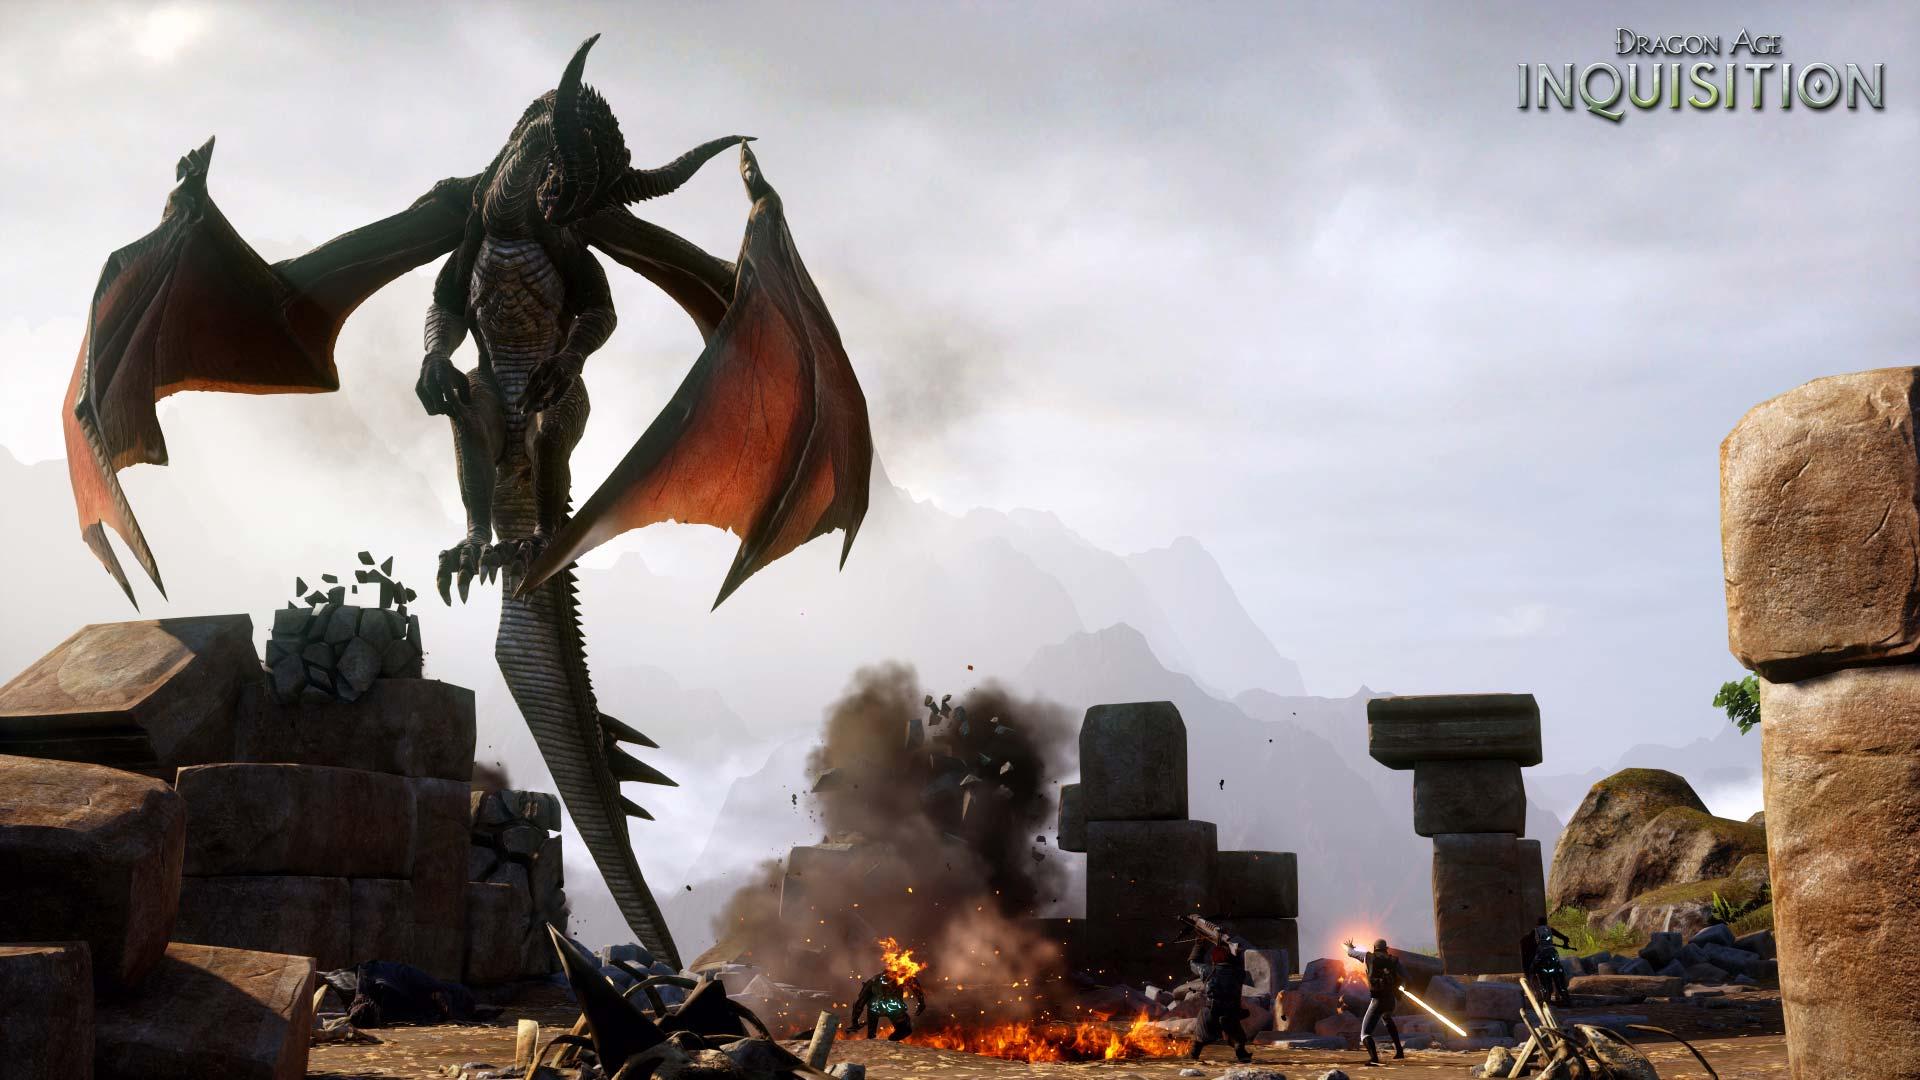 dragon age inquisition Dragon_02_WM_web